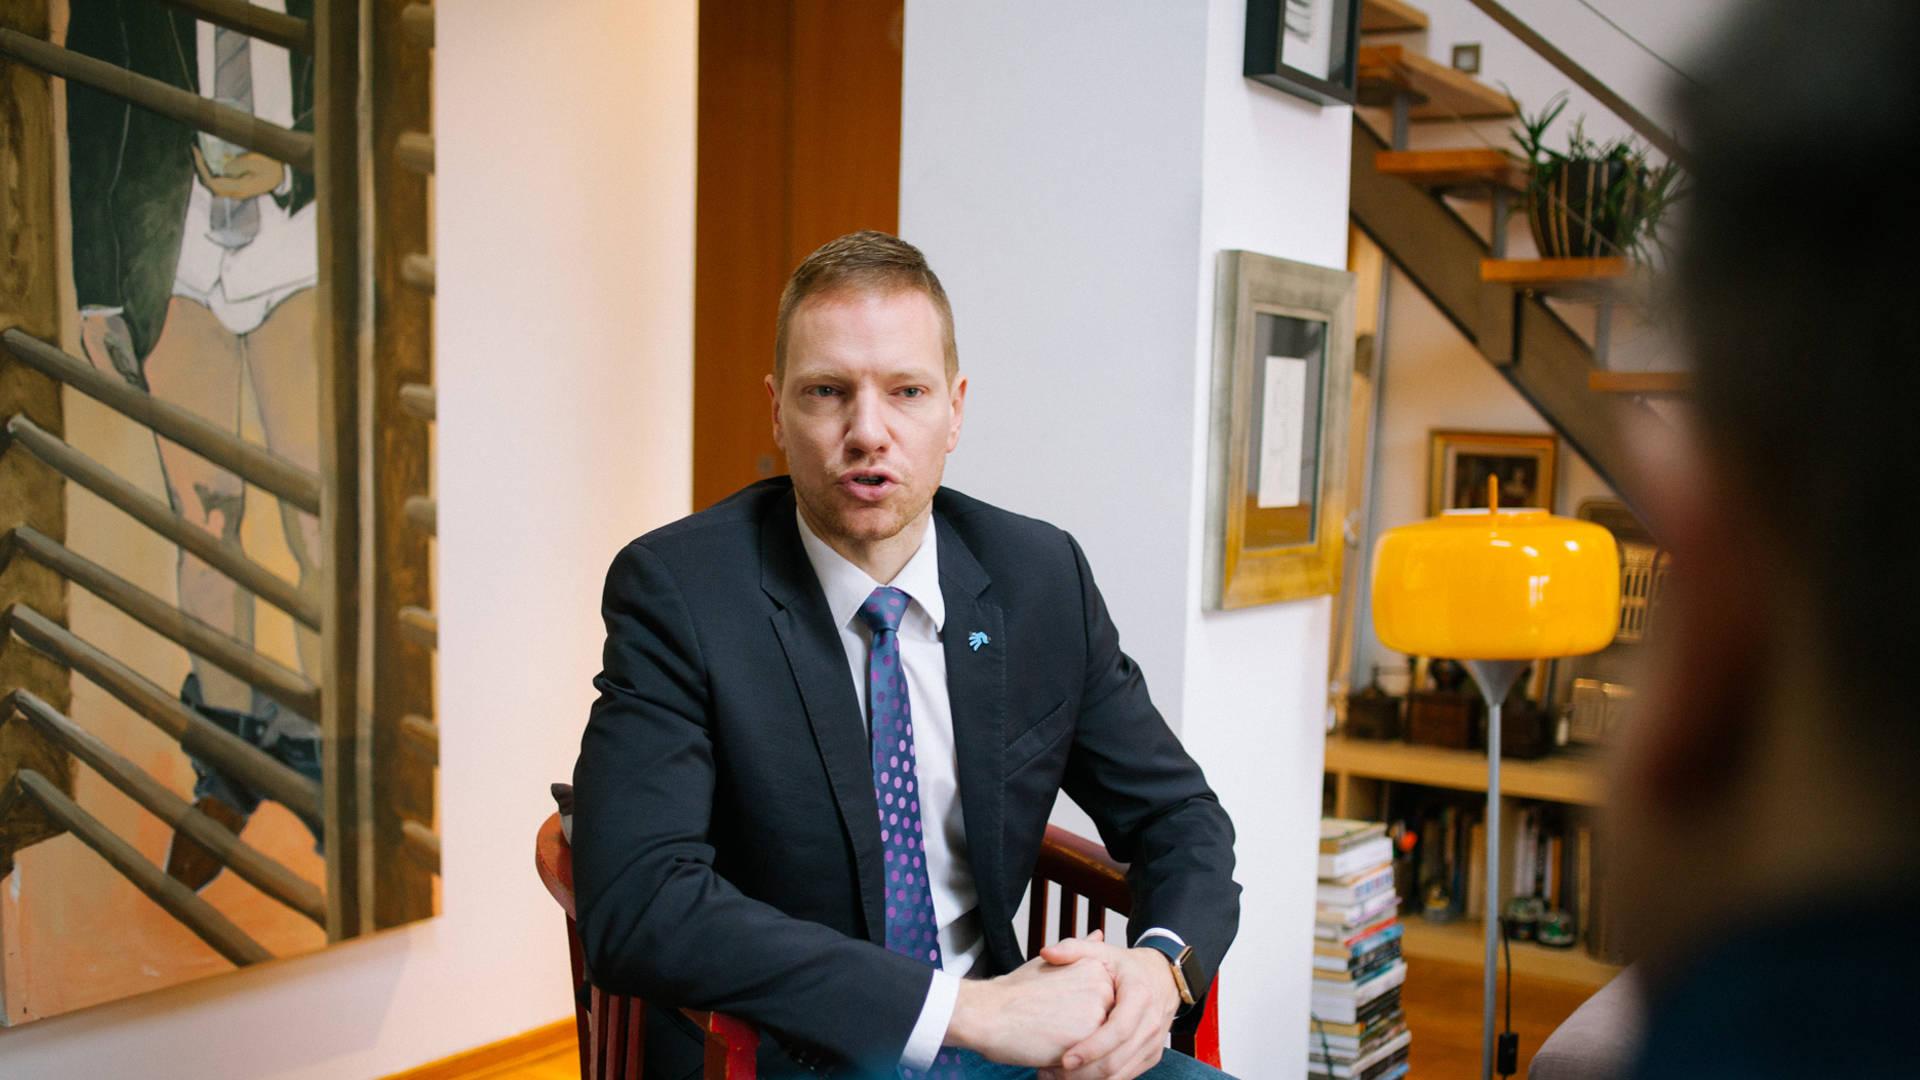 Milan Antonijevic